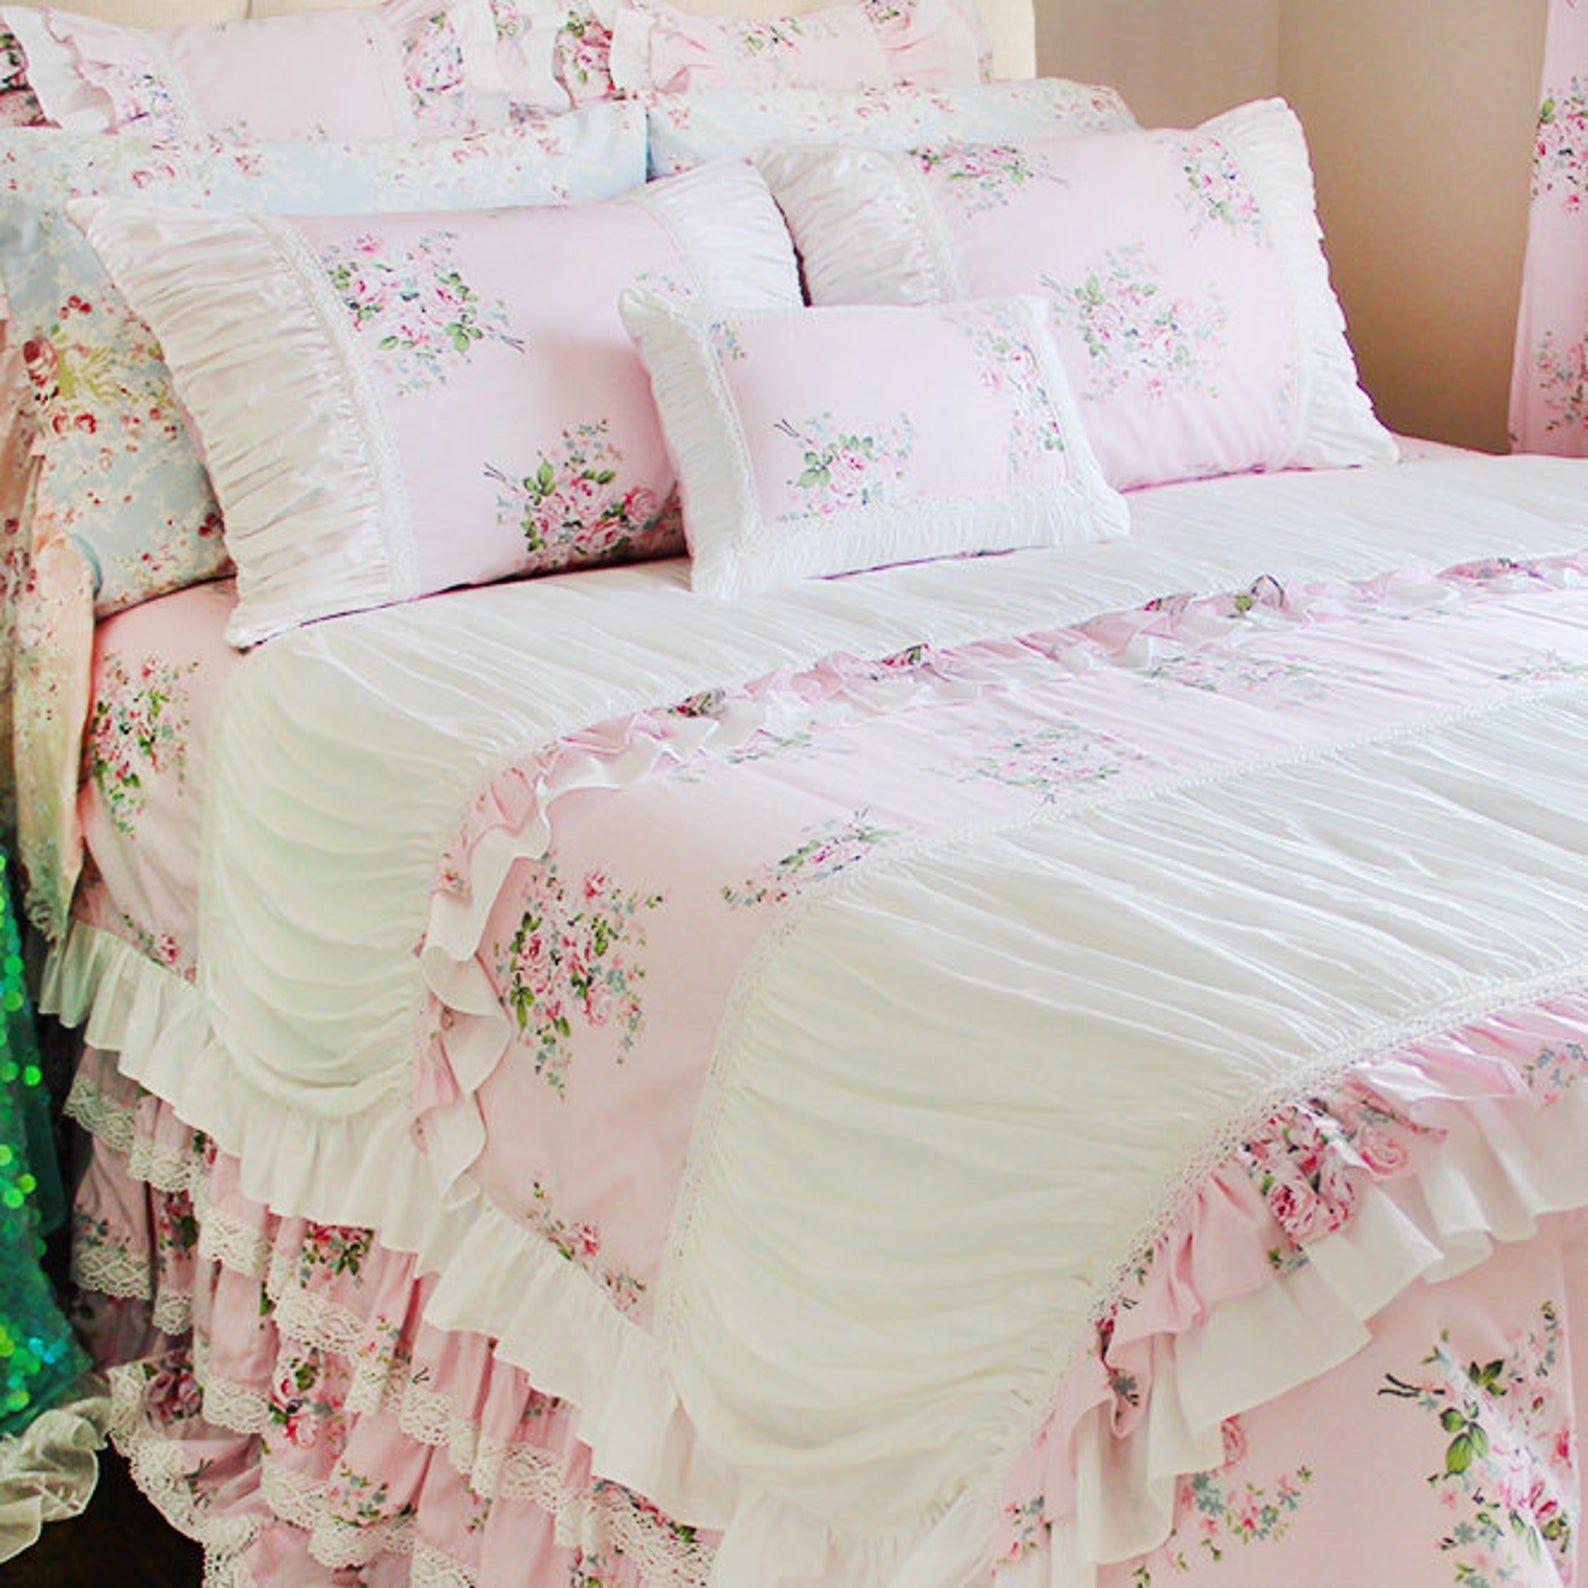 Pink Rose Ruffle Ruched Crochet Eyelet Lace Luxury Shabby